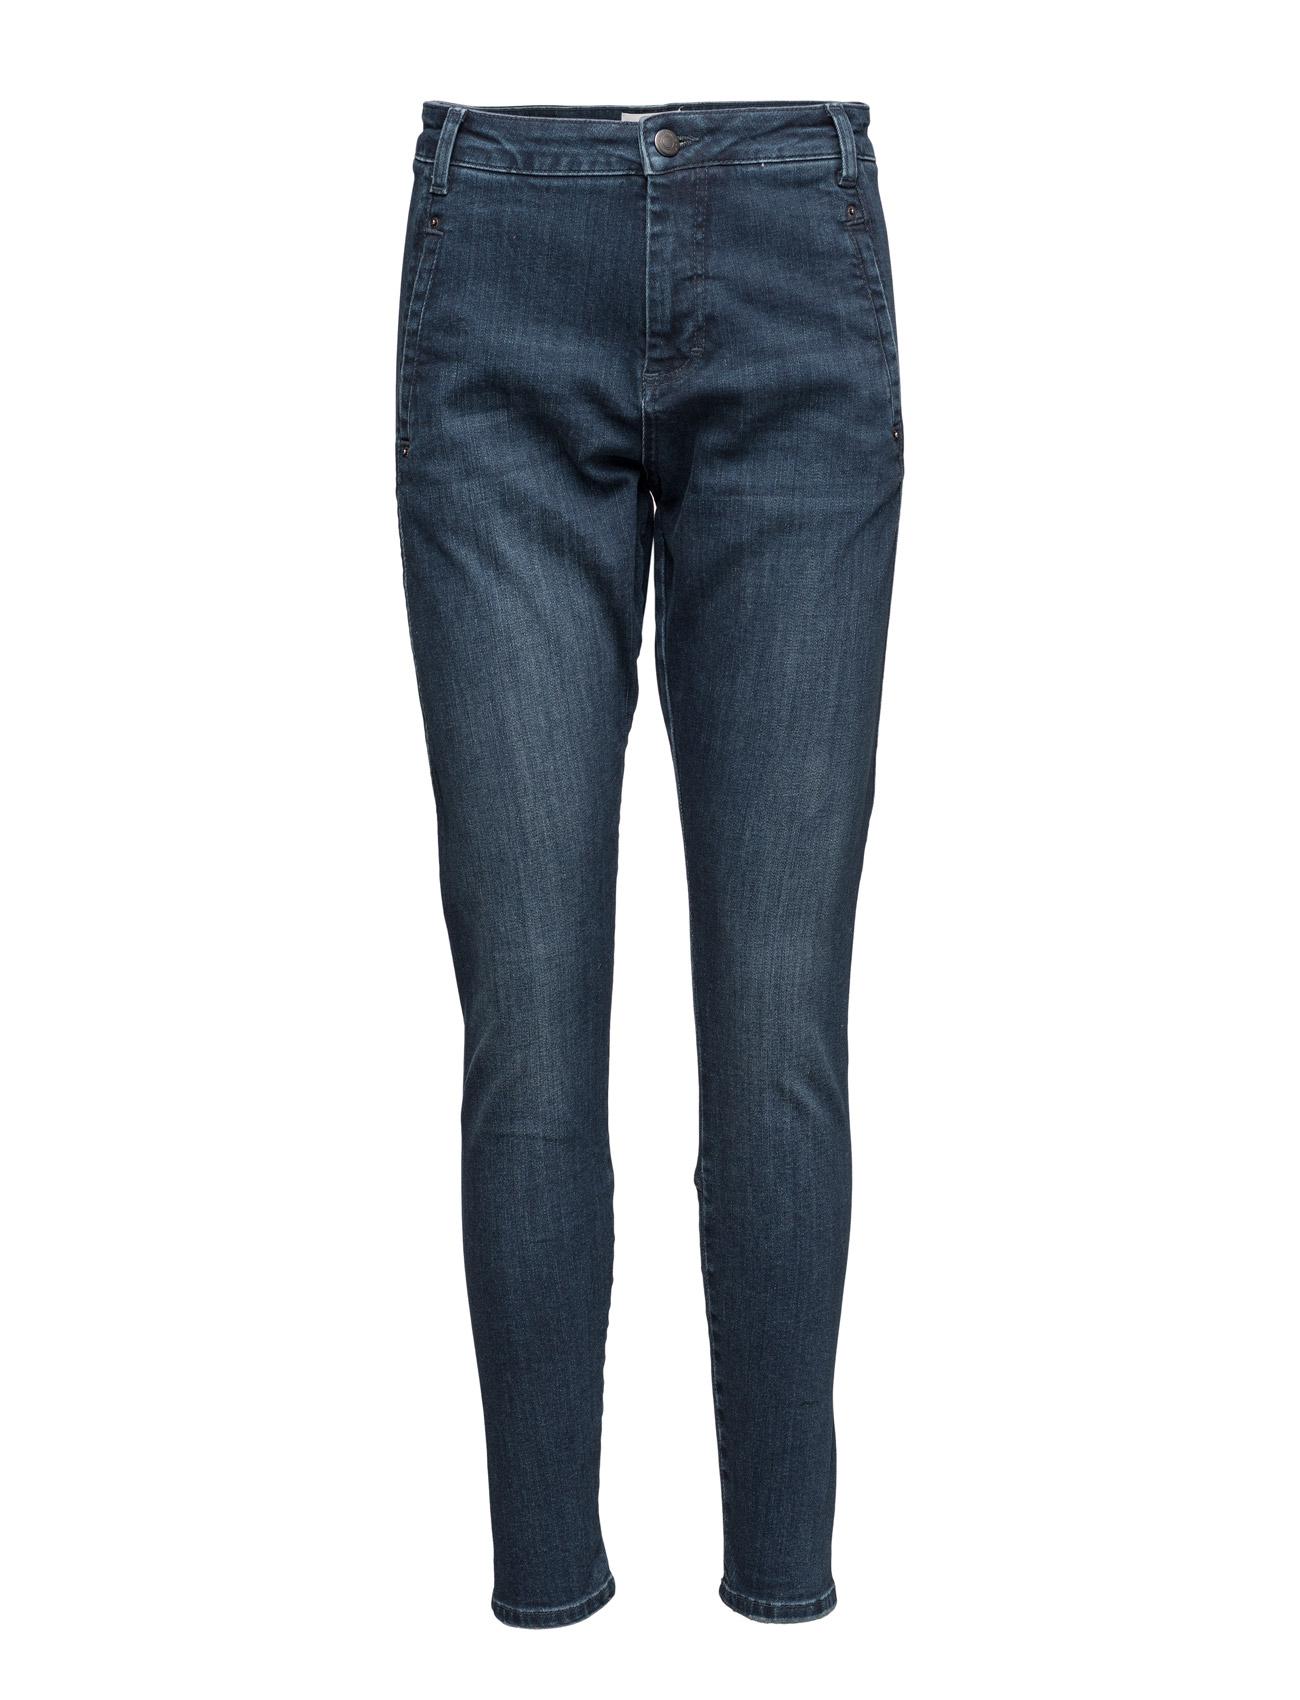 Jolie 397 Proper, Jeans FIVEUNITS Skinny til Damer i